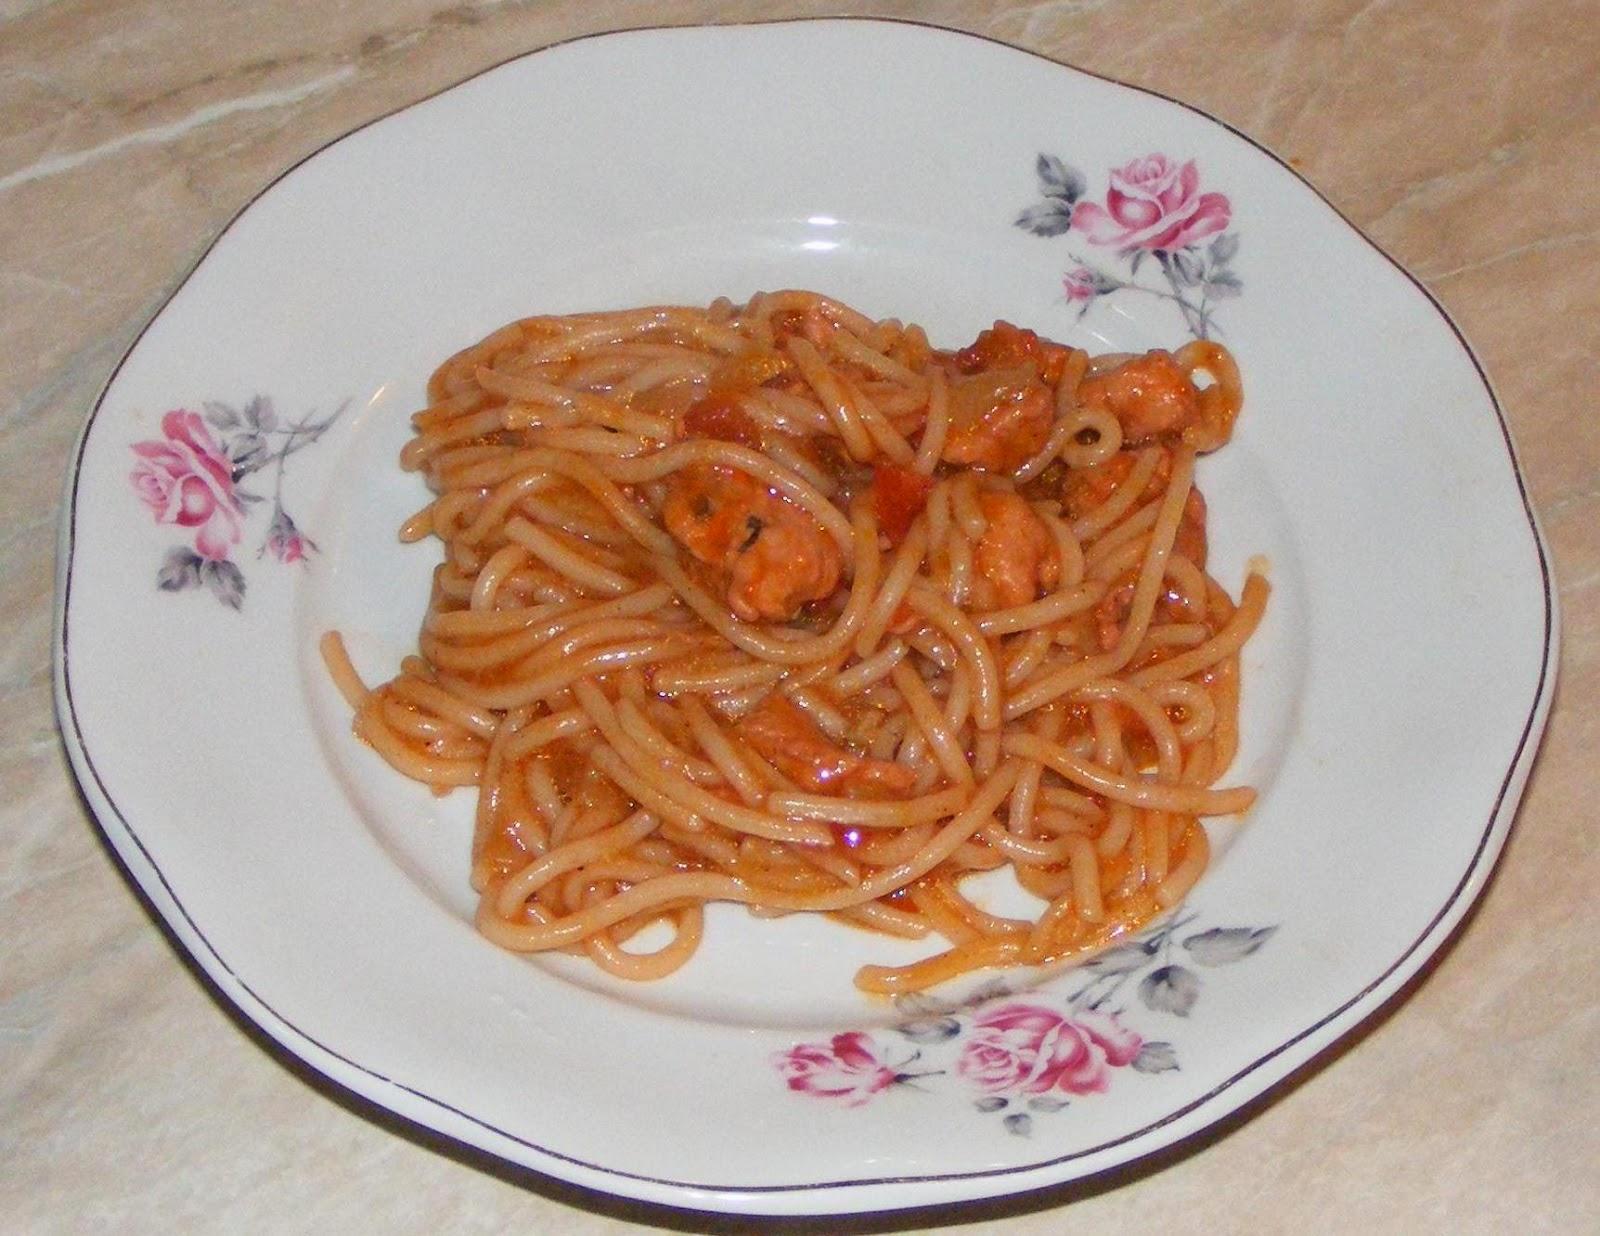 spaghete cu carne, paste cu sos, spaghete cu sos, paste cu carne, retete de mancare, retete si preparate culinare cu carne de pui, retete cu pui, retete cu piept de pui, retete mancaruri, reteta de paste cu sos, retete cu paste, retete cu spaghete,